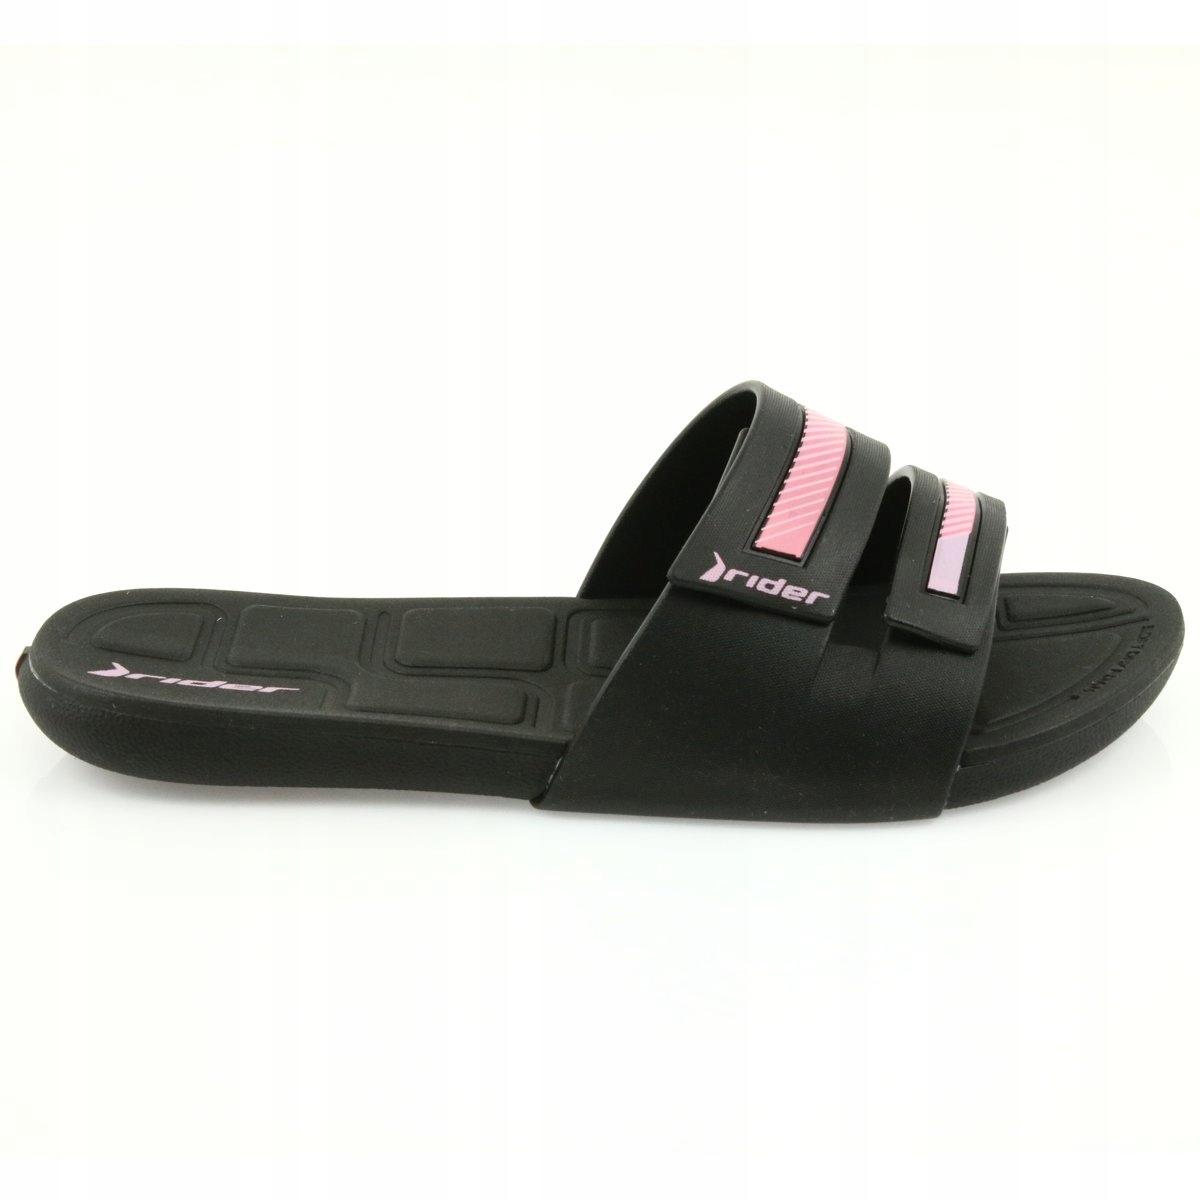 Klapki buty damskie basenowe Rider 82503 r.38